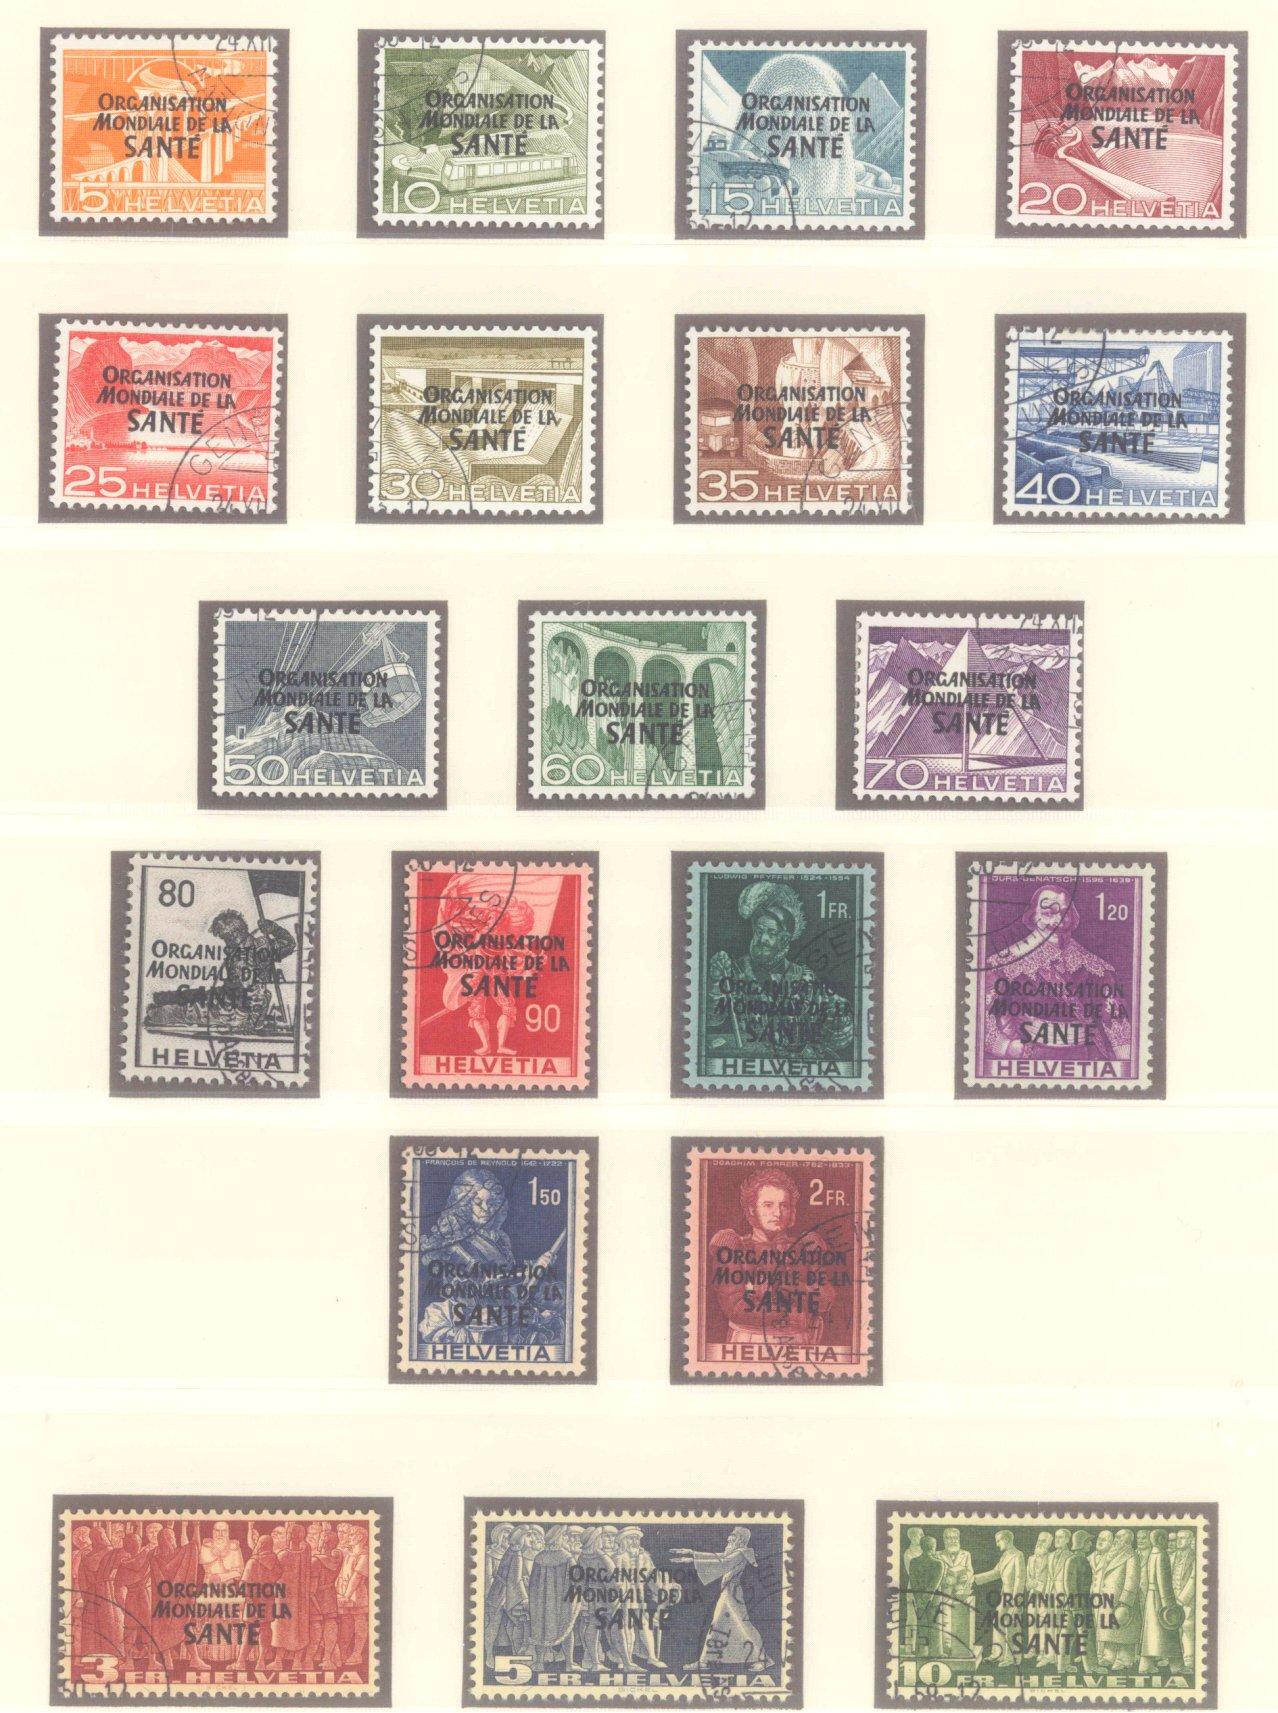 SCHWEIZ – WELTGESUNDHEITSORGANISATION (OMS/WHO) 1948-1950